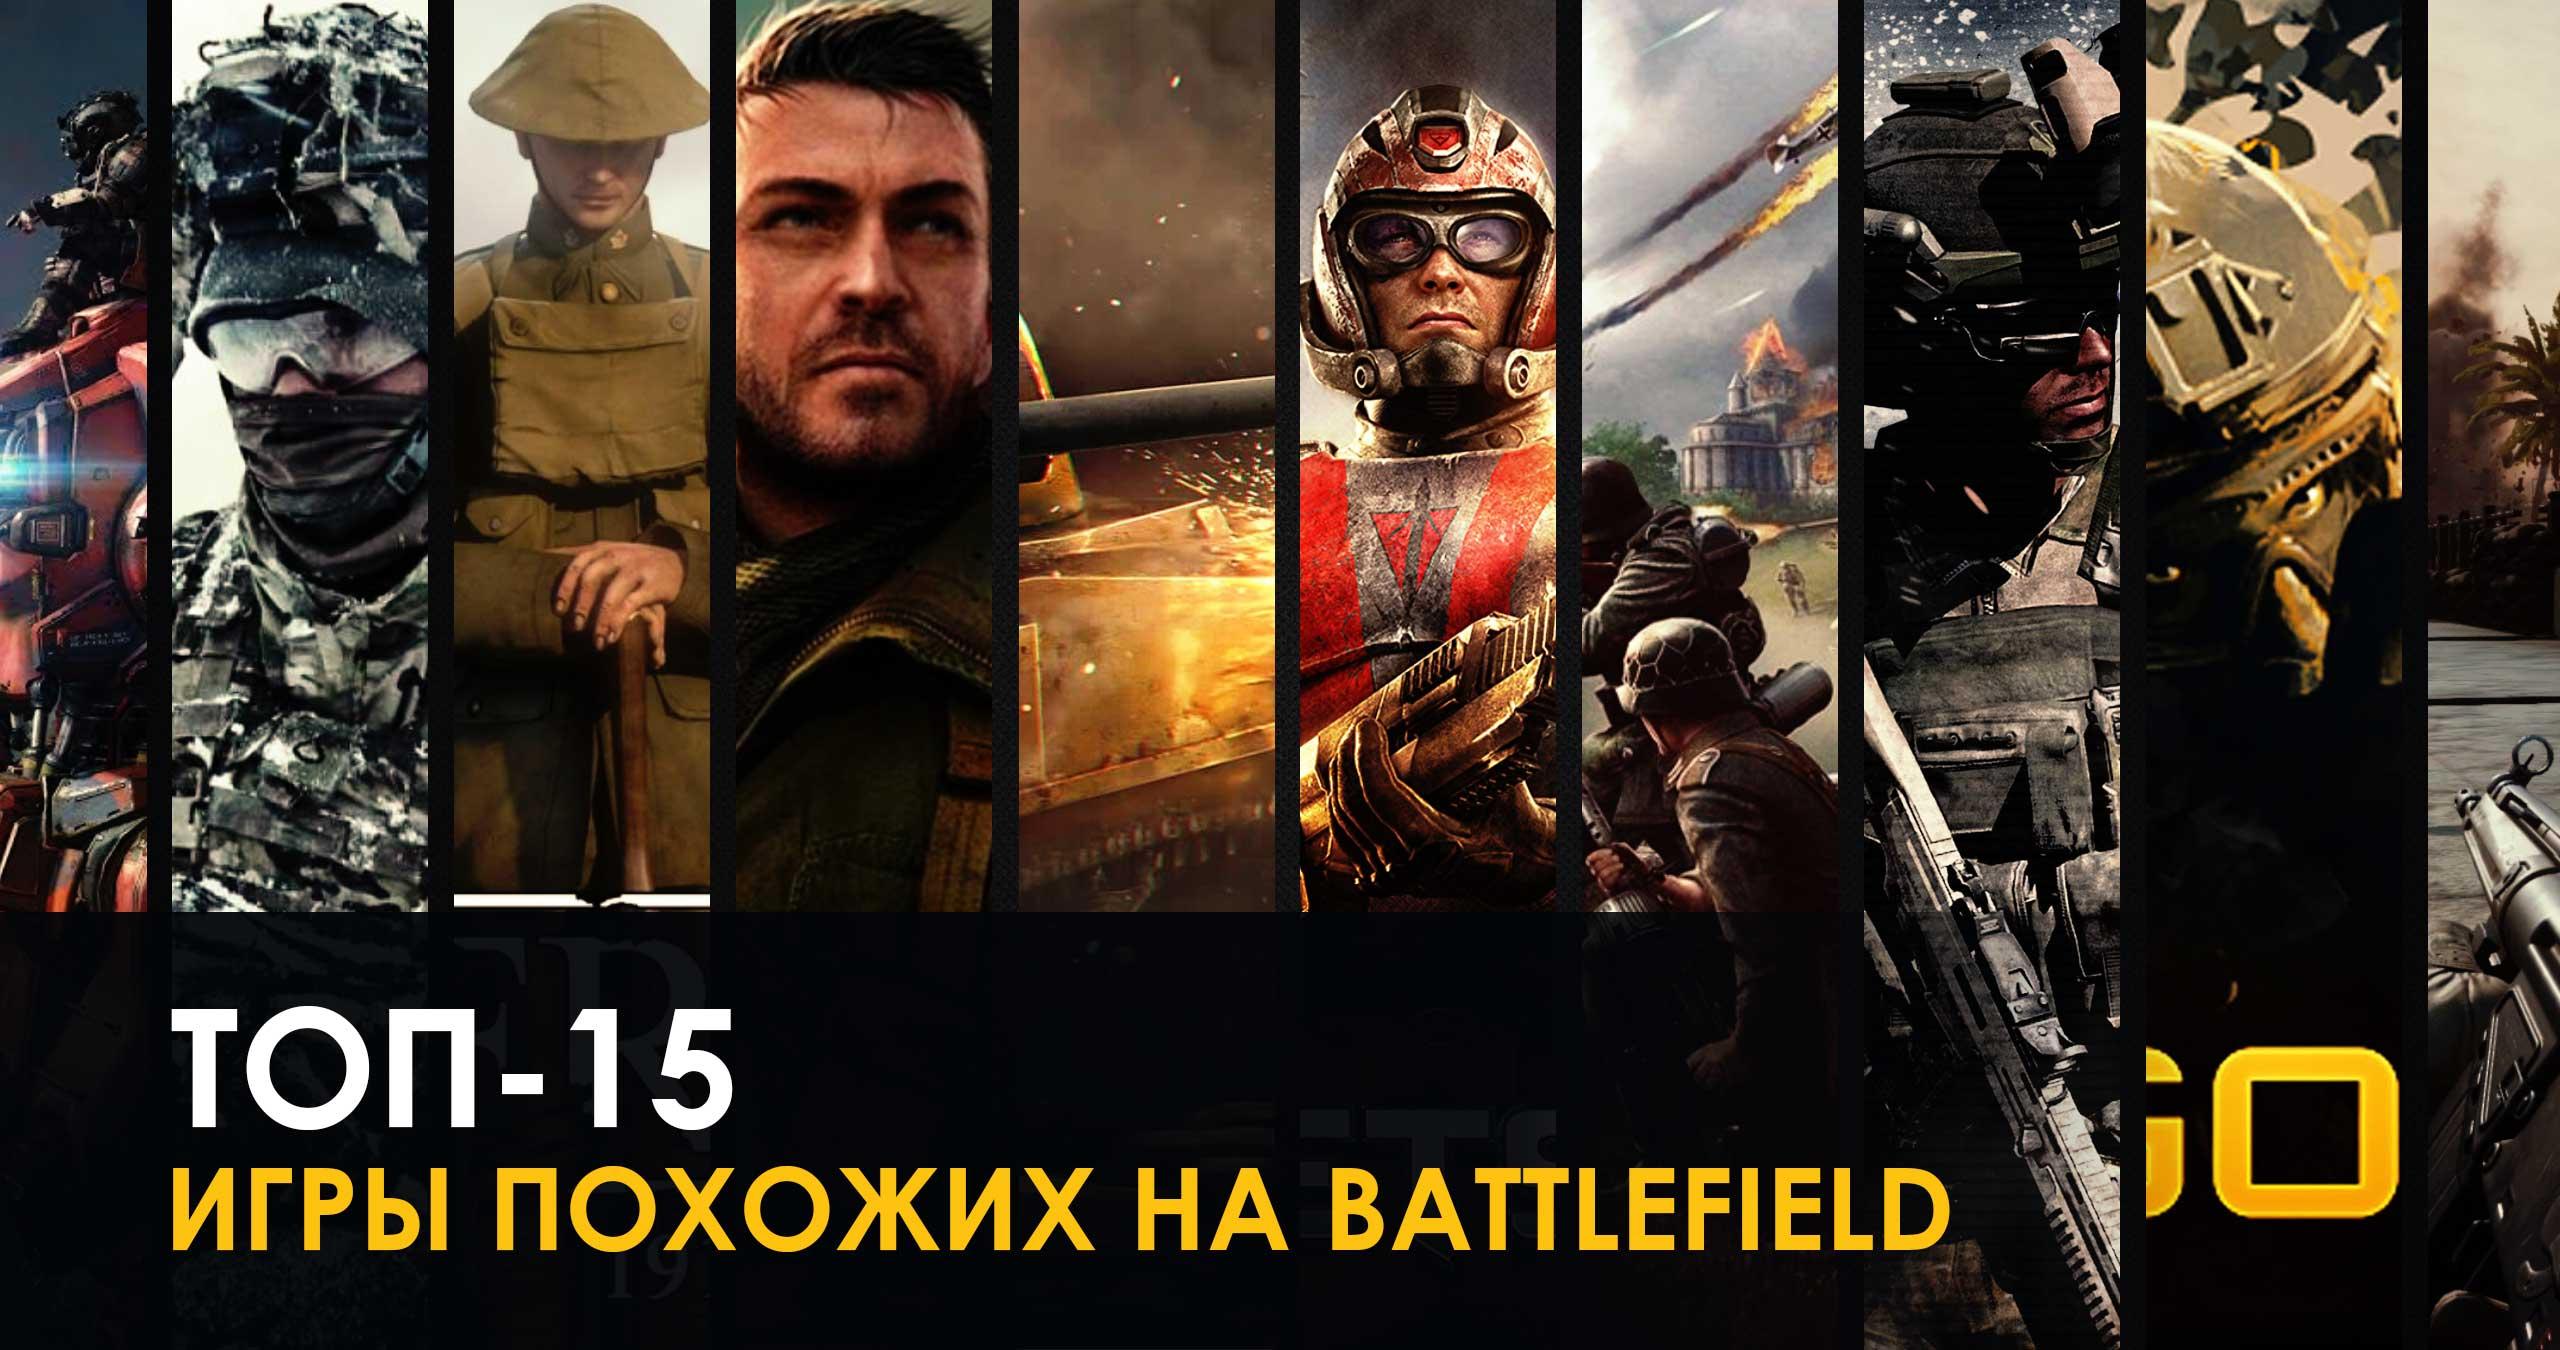 10 игр похожих на Battlefield V для ПК, PS4 (2019)